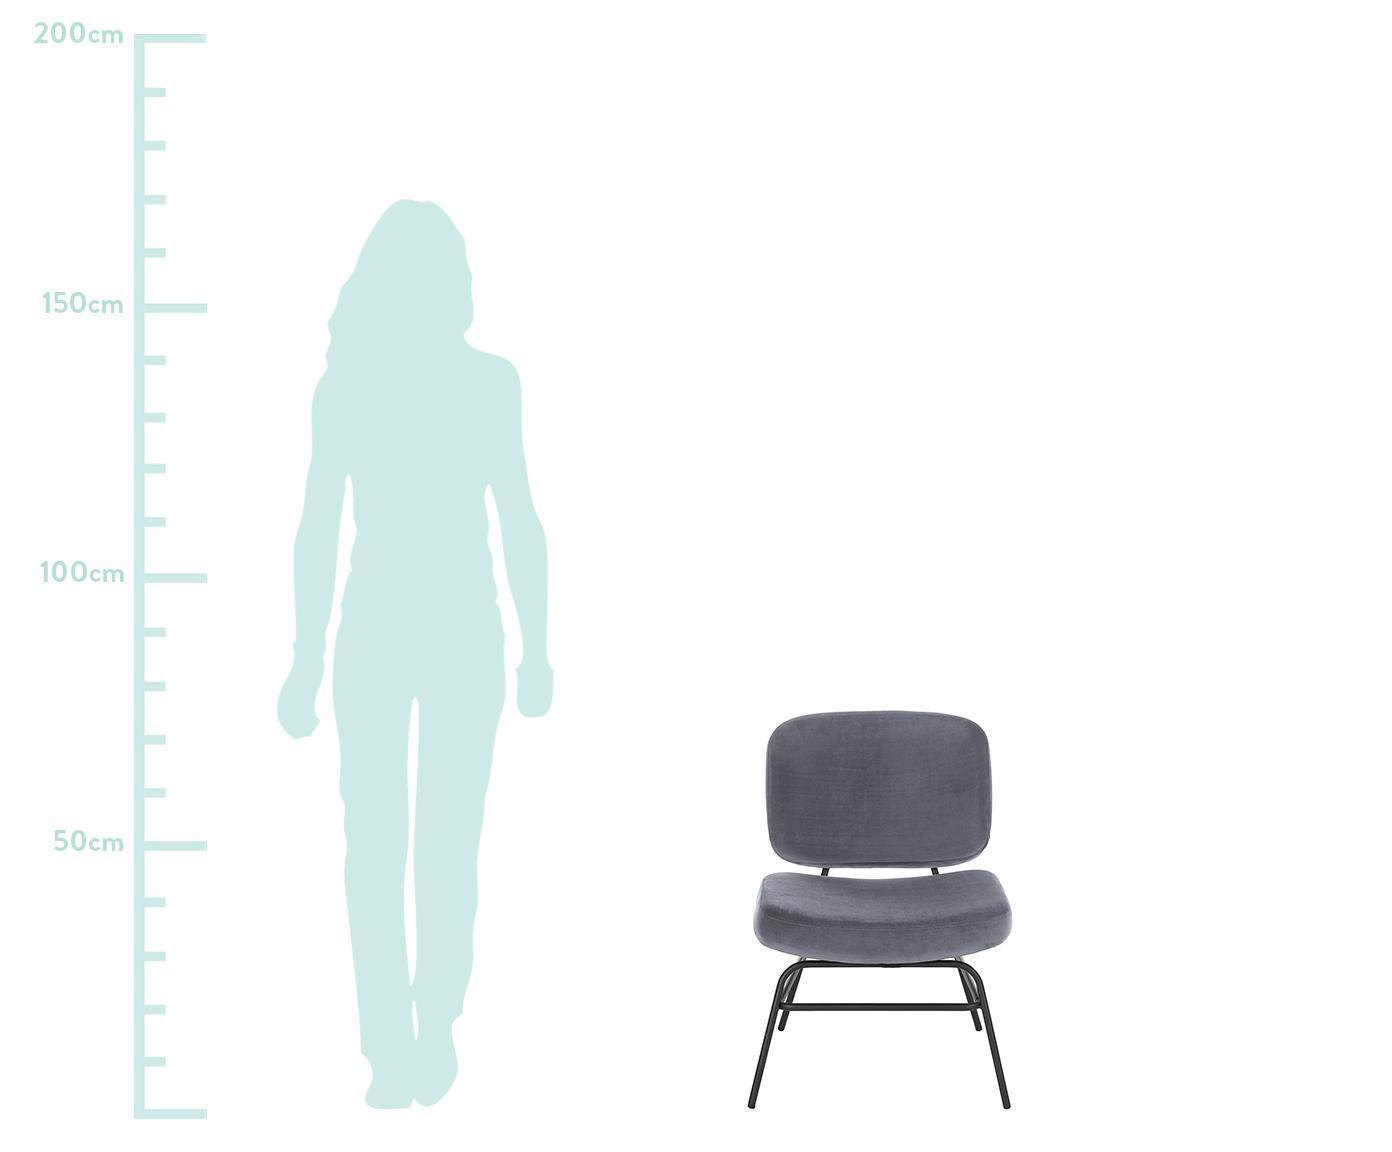 Fotel tapicerowany z aksamitu Malte, Tapicerka: aksamit (poliester) 2000, Nogi: metal malowany proszkowo, Tapicerka: ciemny szary Nogi: czarny matowy, S 58 x G 71 cm